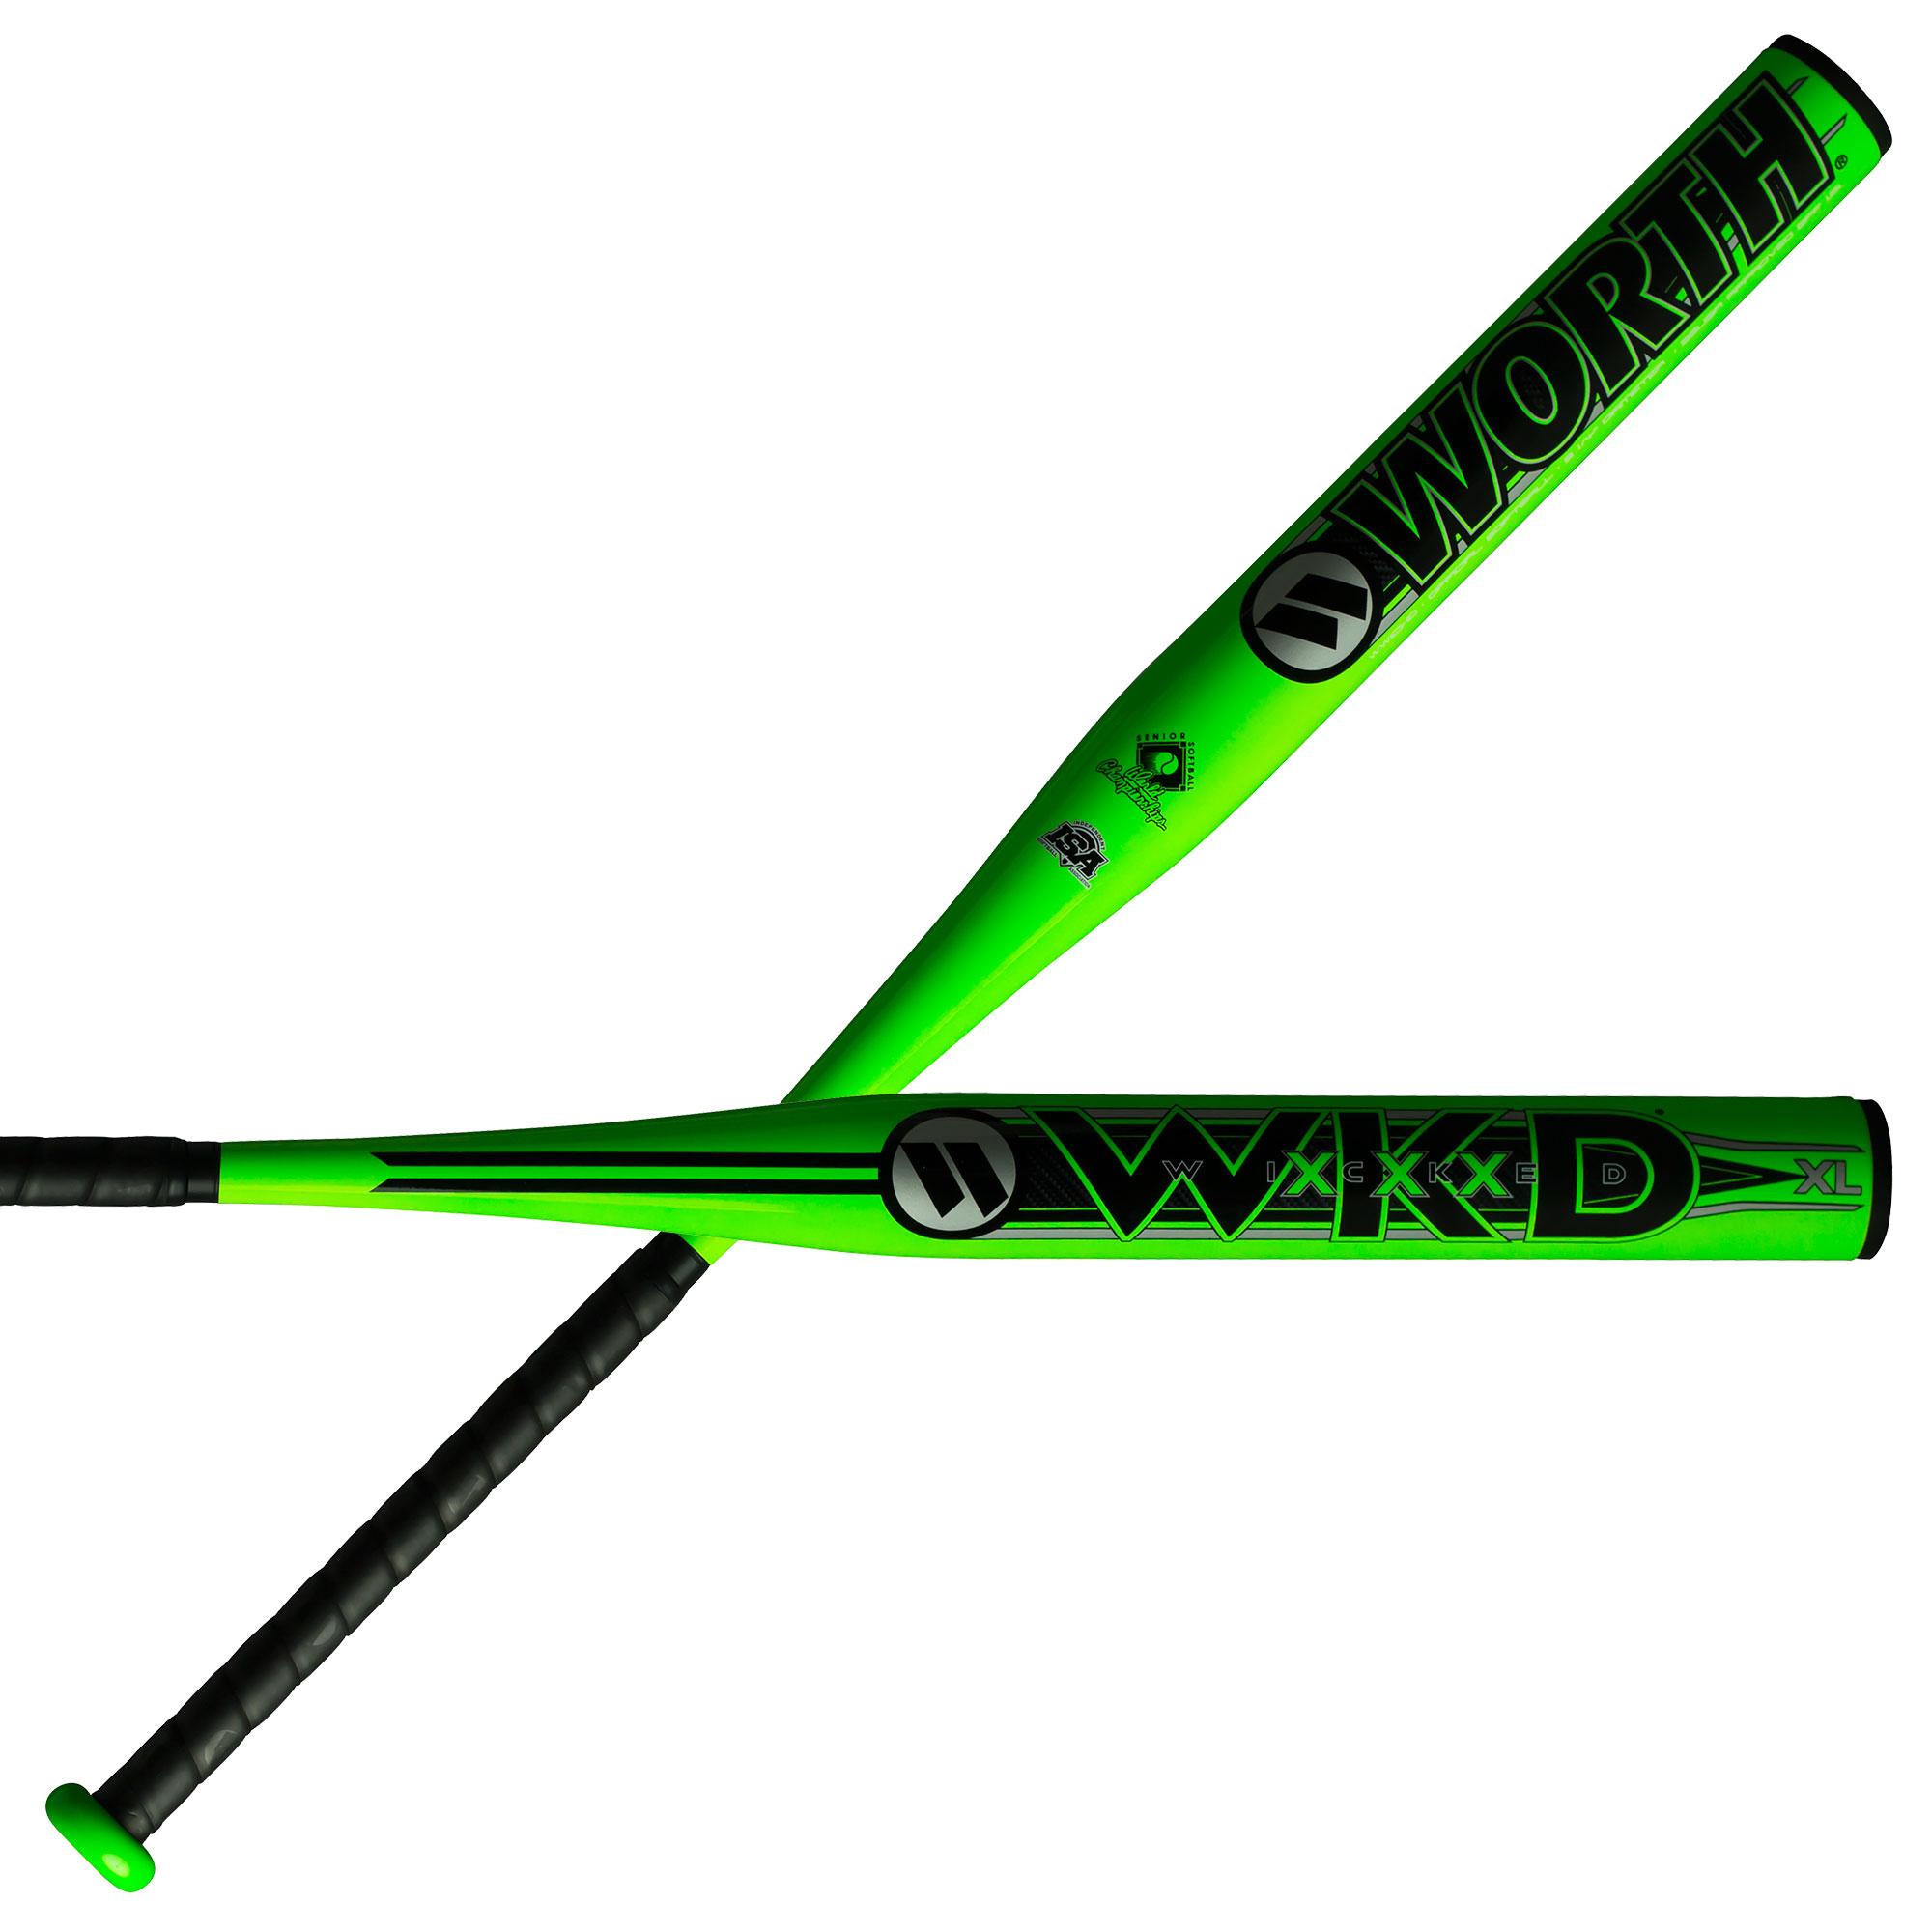 Worth Wicked XL 13.5 Inch 1-Piece WWICKD Senior Slowpitch Softball Bat